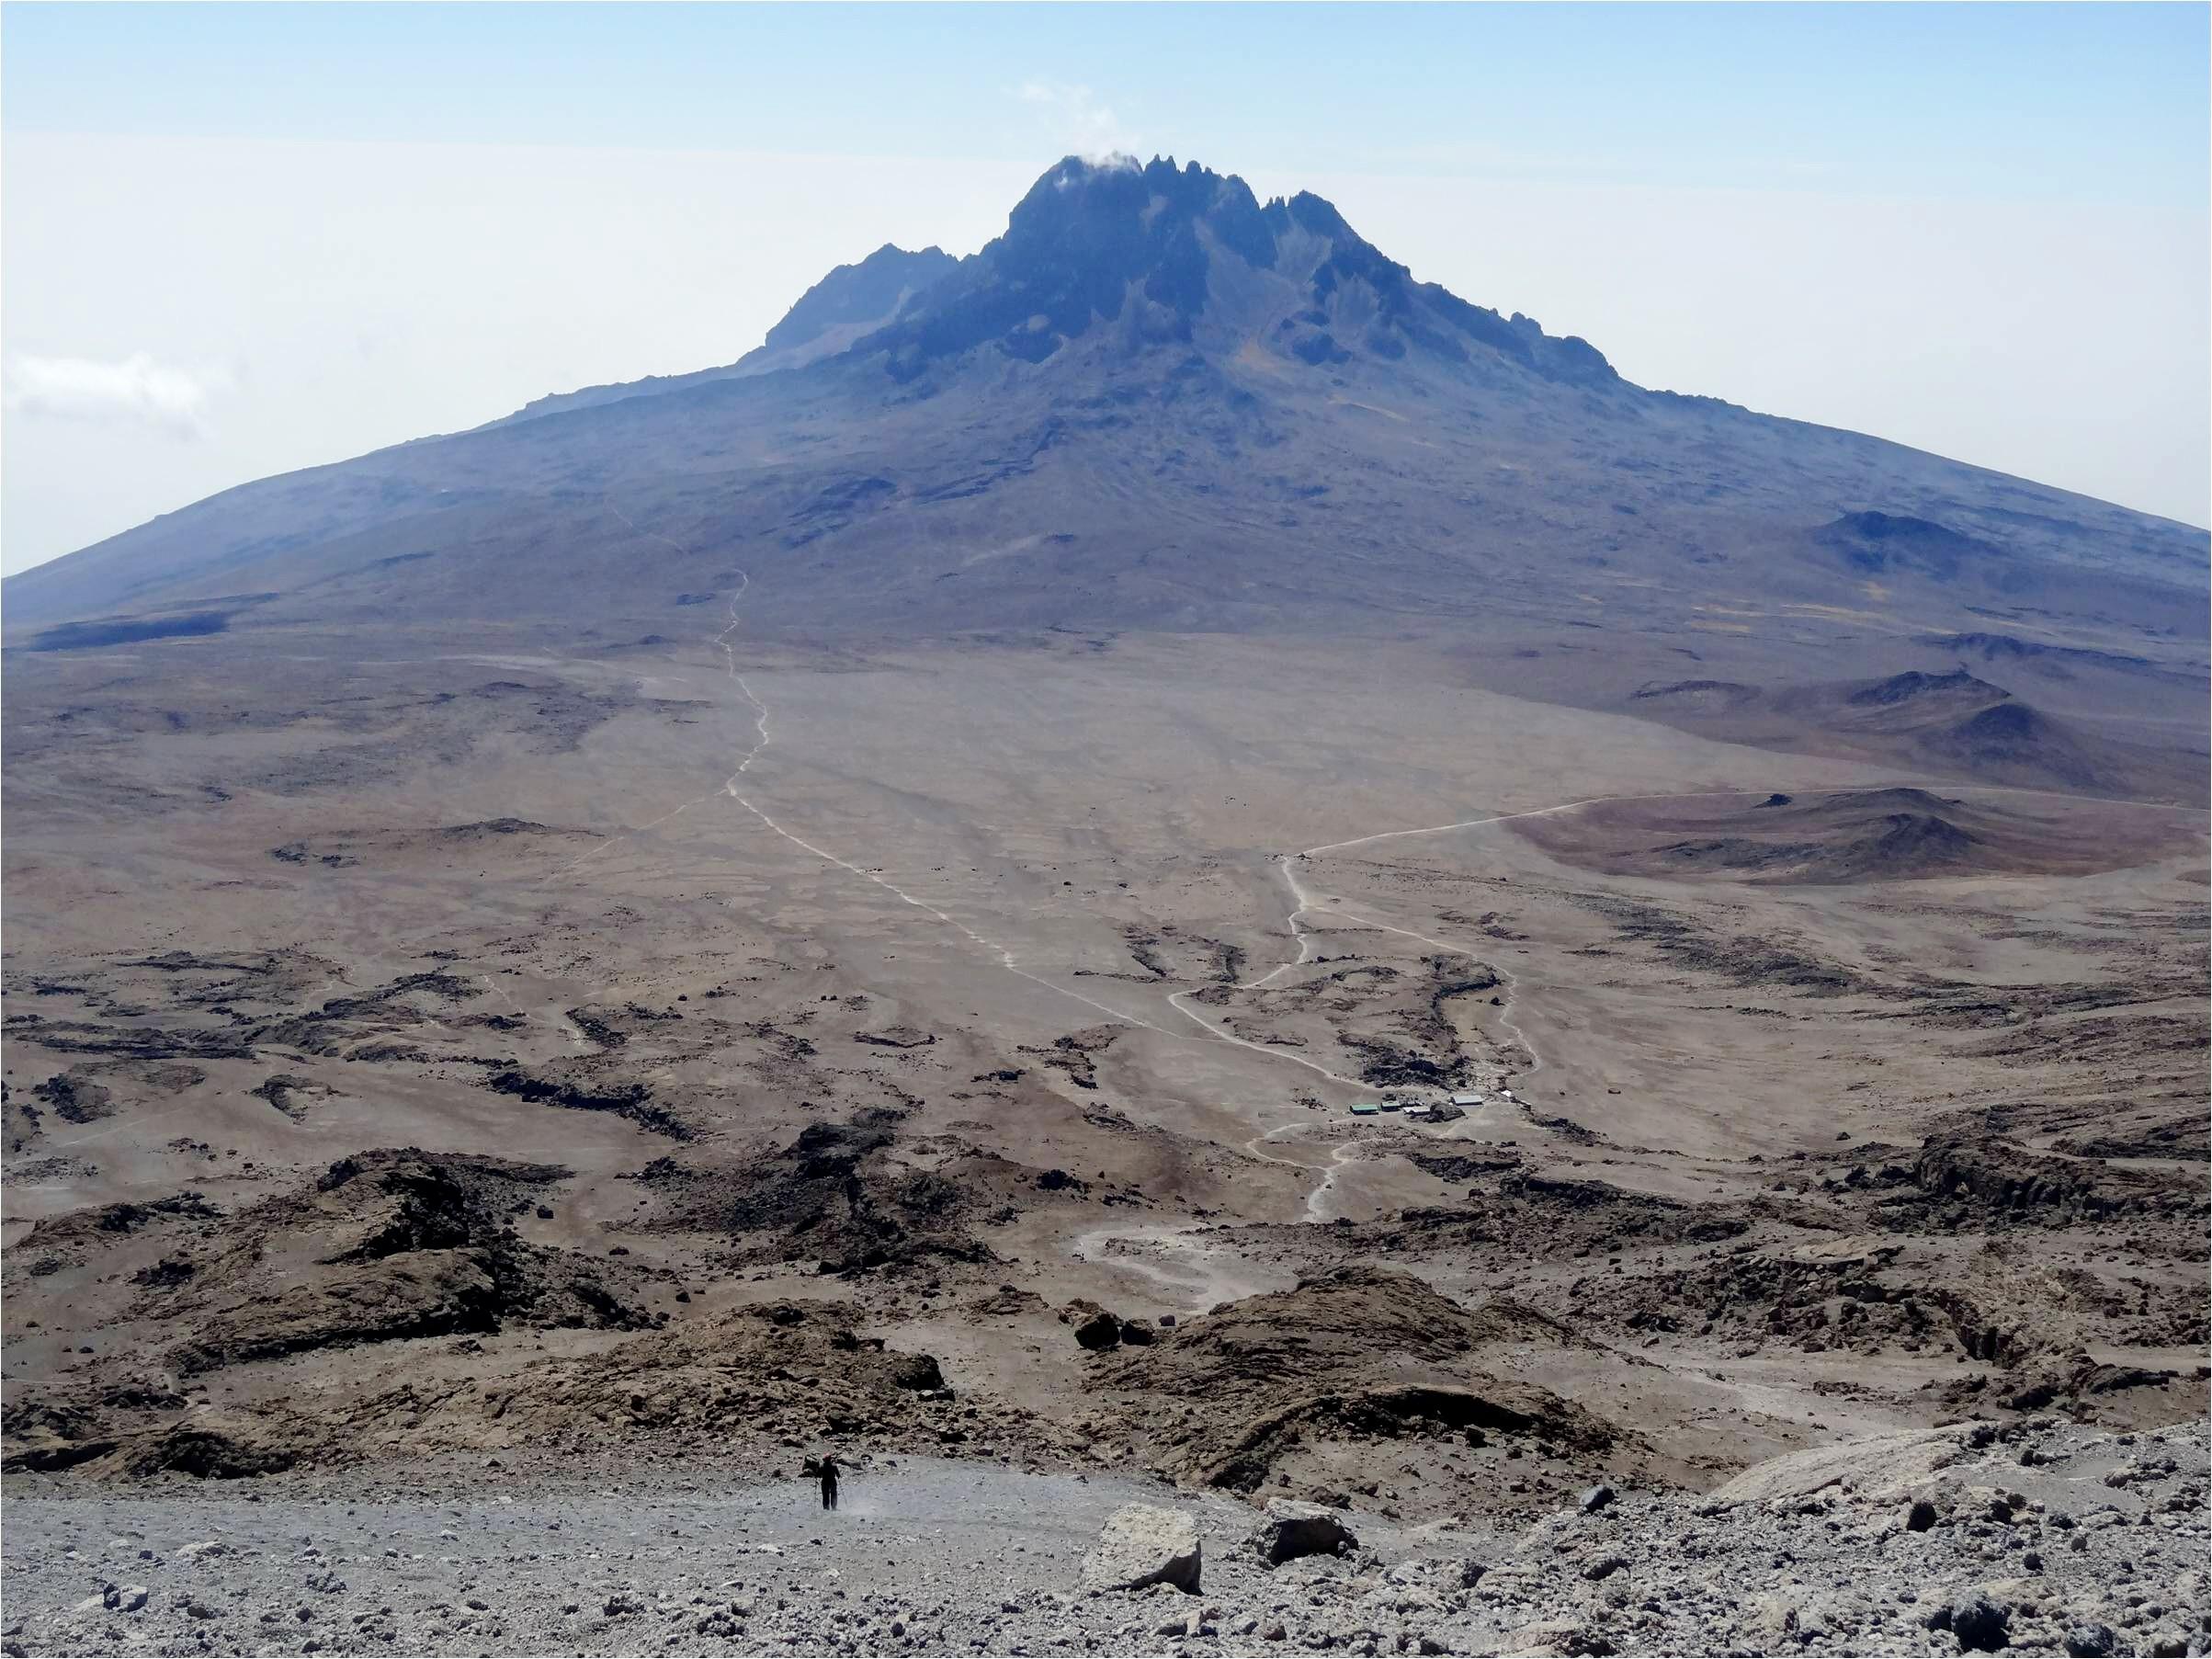 Kilimanjaro Overlooking Mawenzi Peak